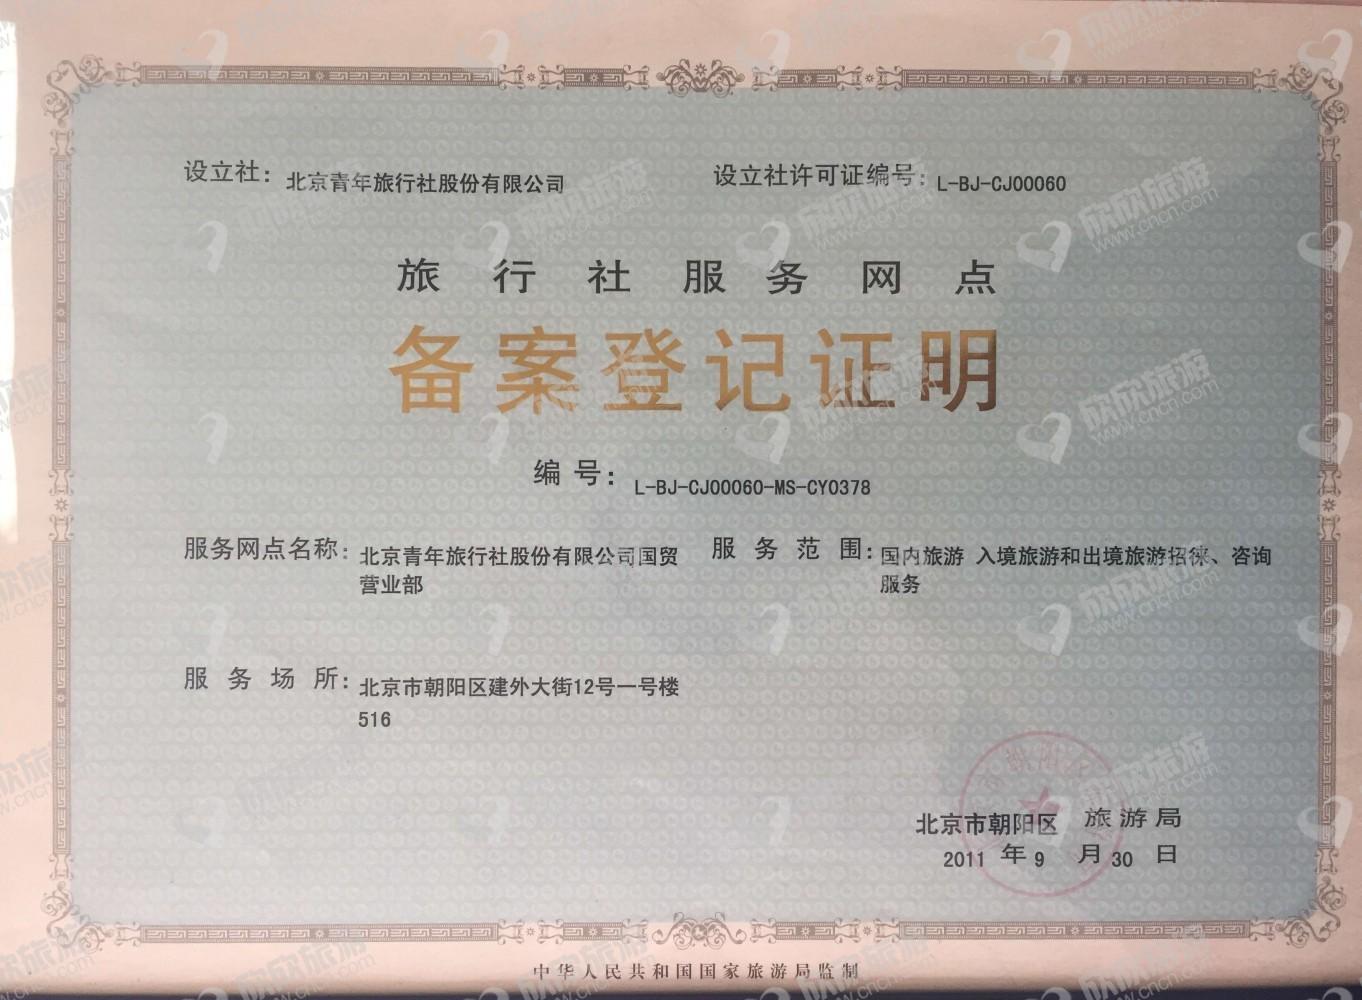 北京青年旅行社股份有限公司国贸营业部经营许可证